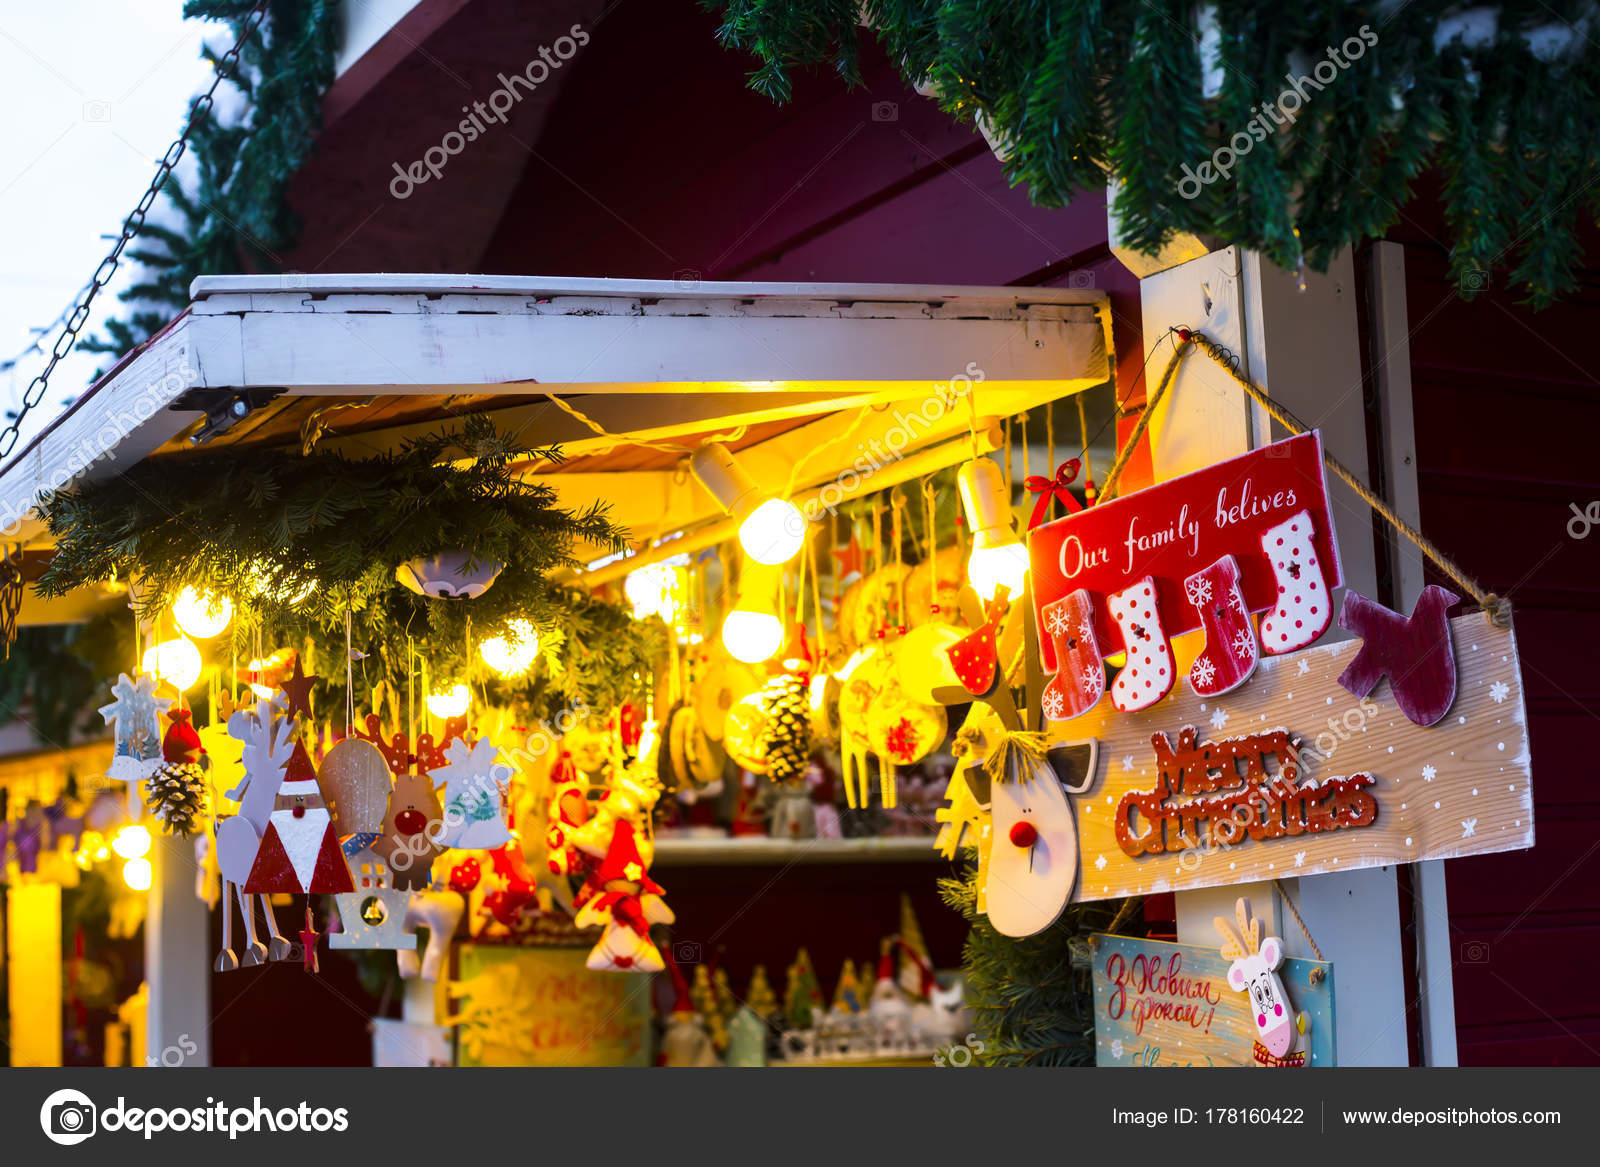 Feria Kiev Puestos Forma Casas Navidad Fotos de Stock Vsamarkina